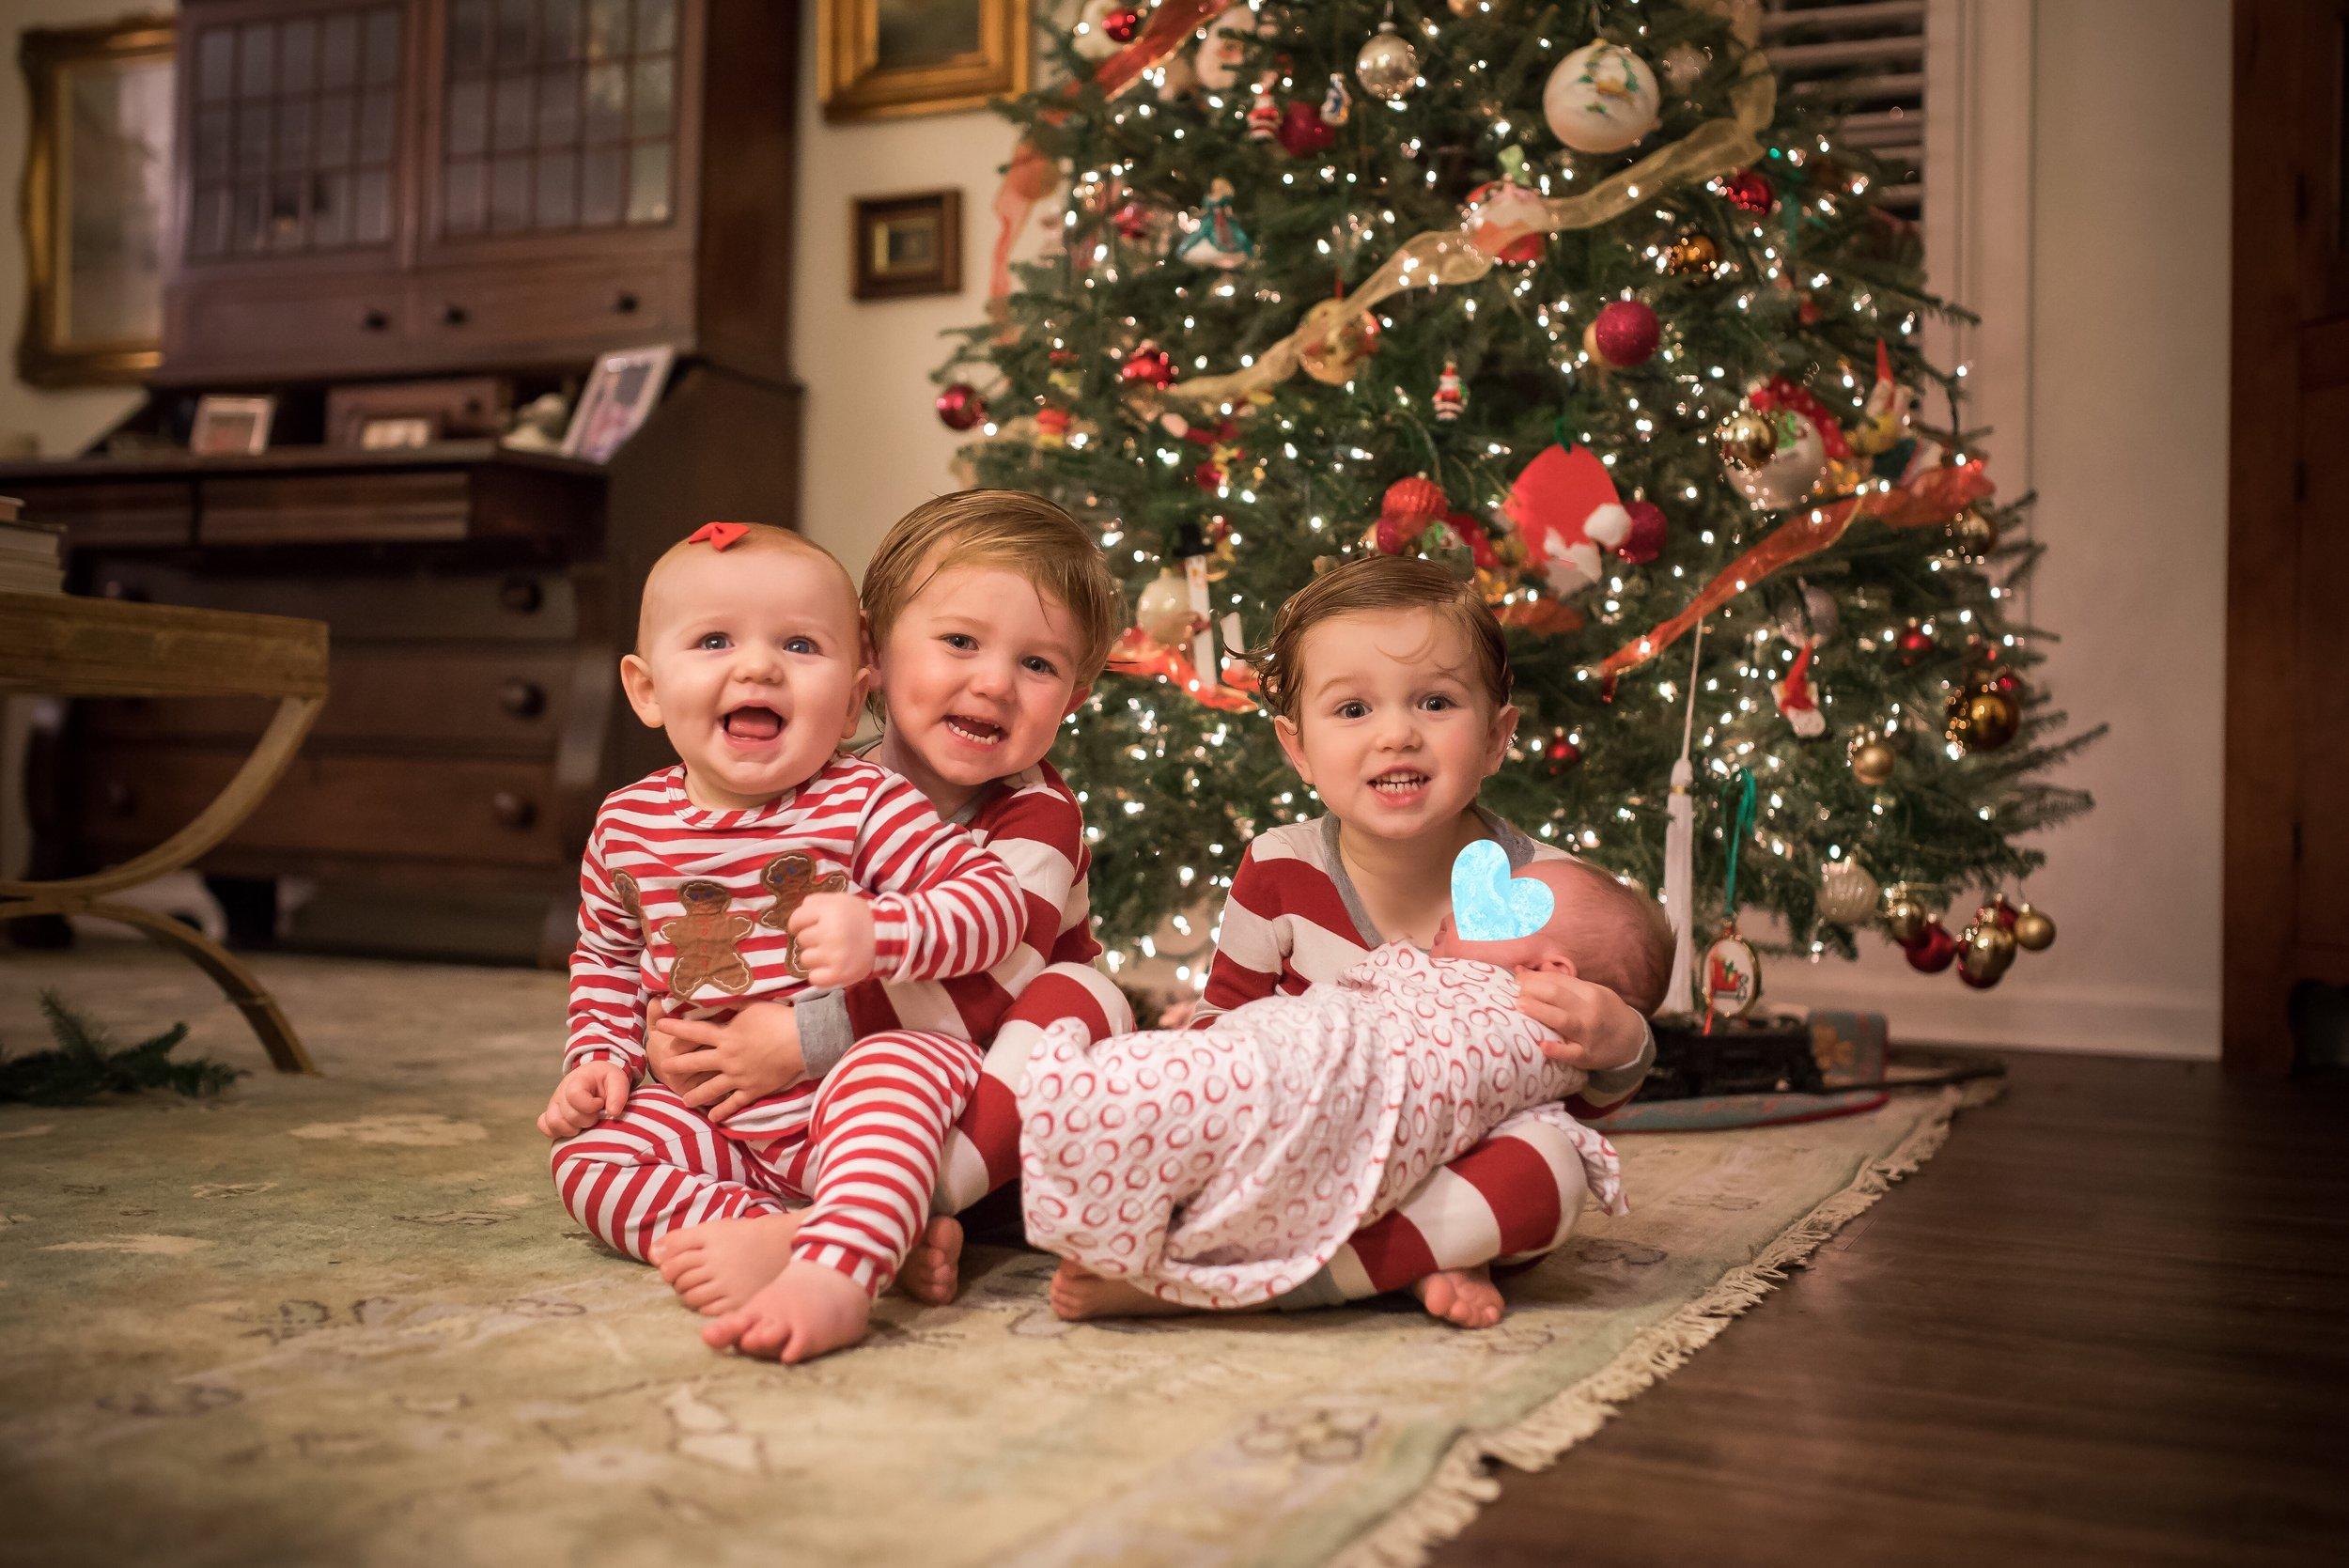 momstrosity_gift_giving.jpg